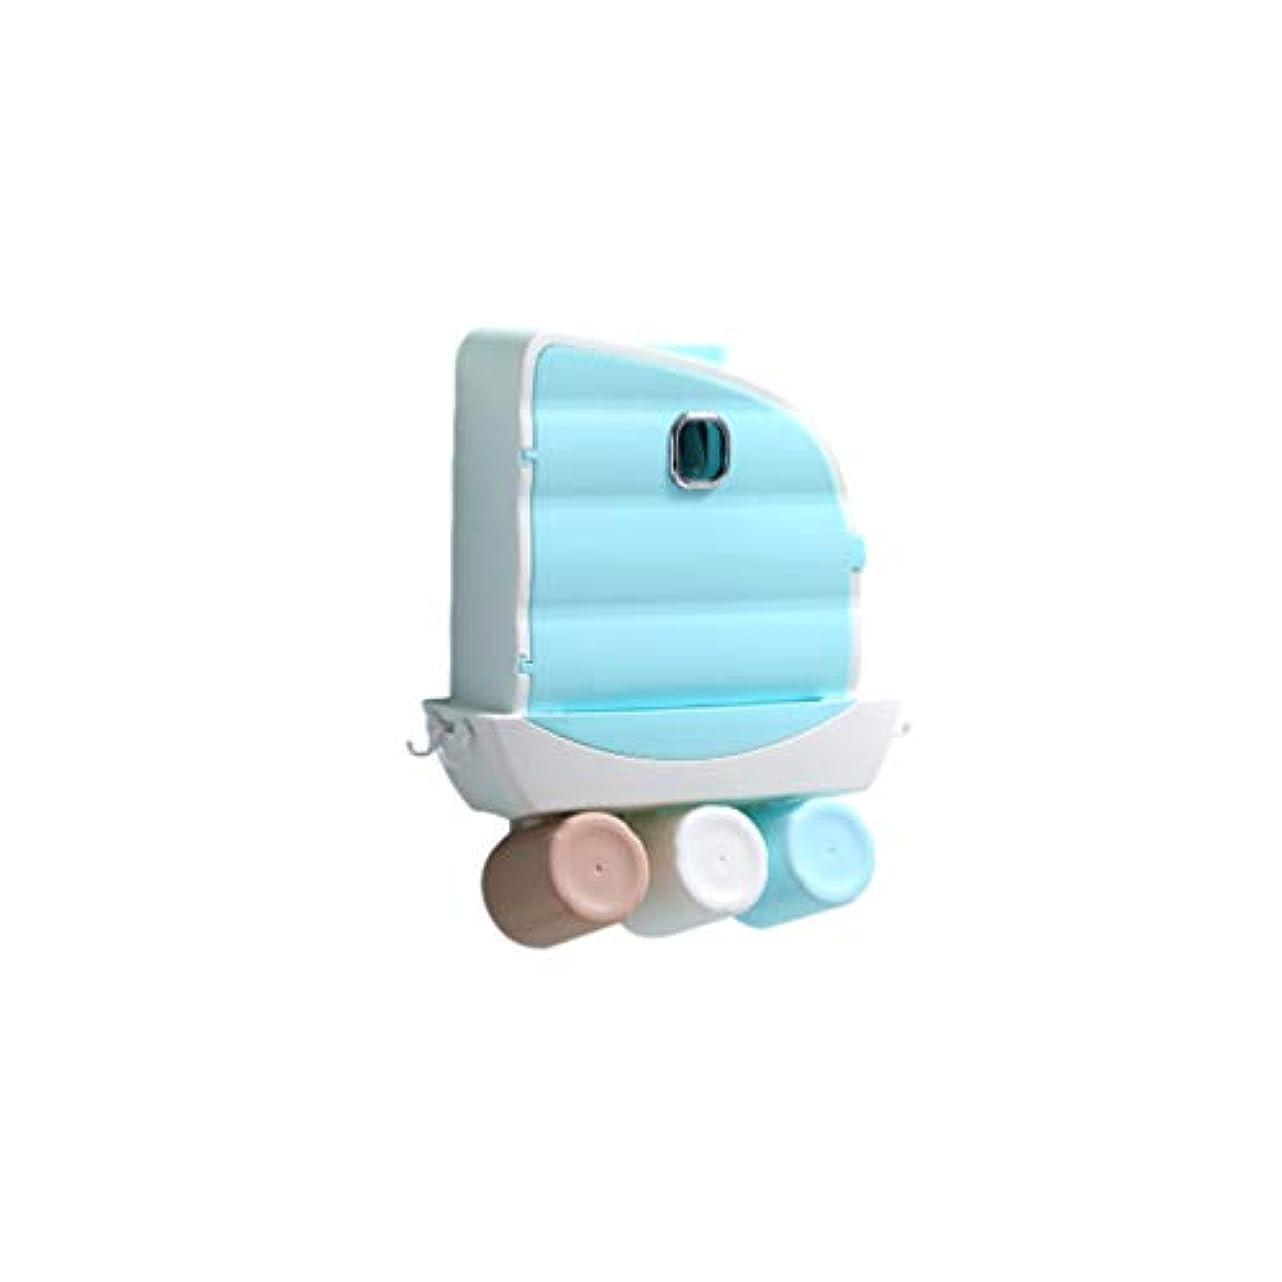 フェロー諸島追放ジョージスティーブンソンSUPVOX タオルフック付き壁掛け歯ブラシホルダー歯磨き粉スクイーザー